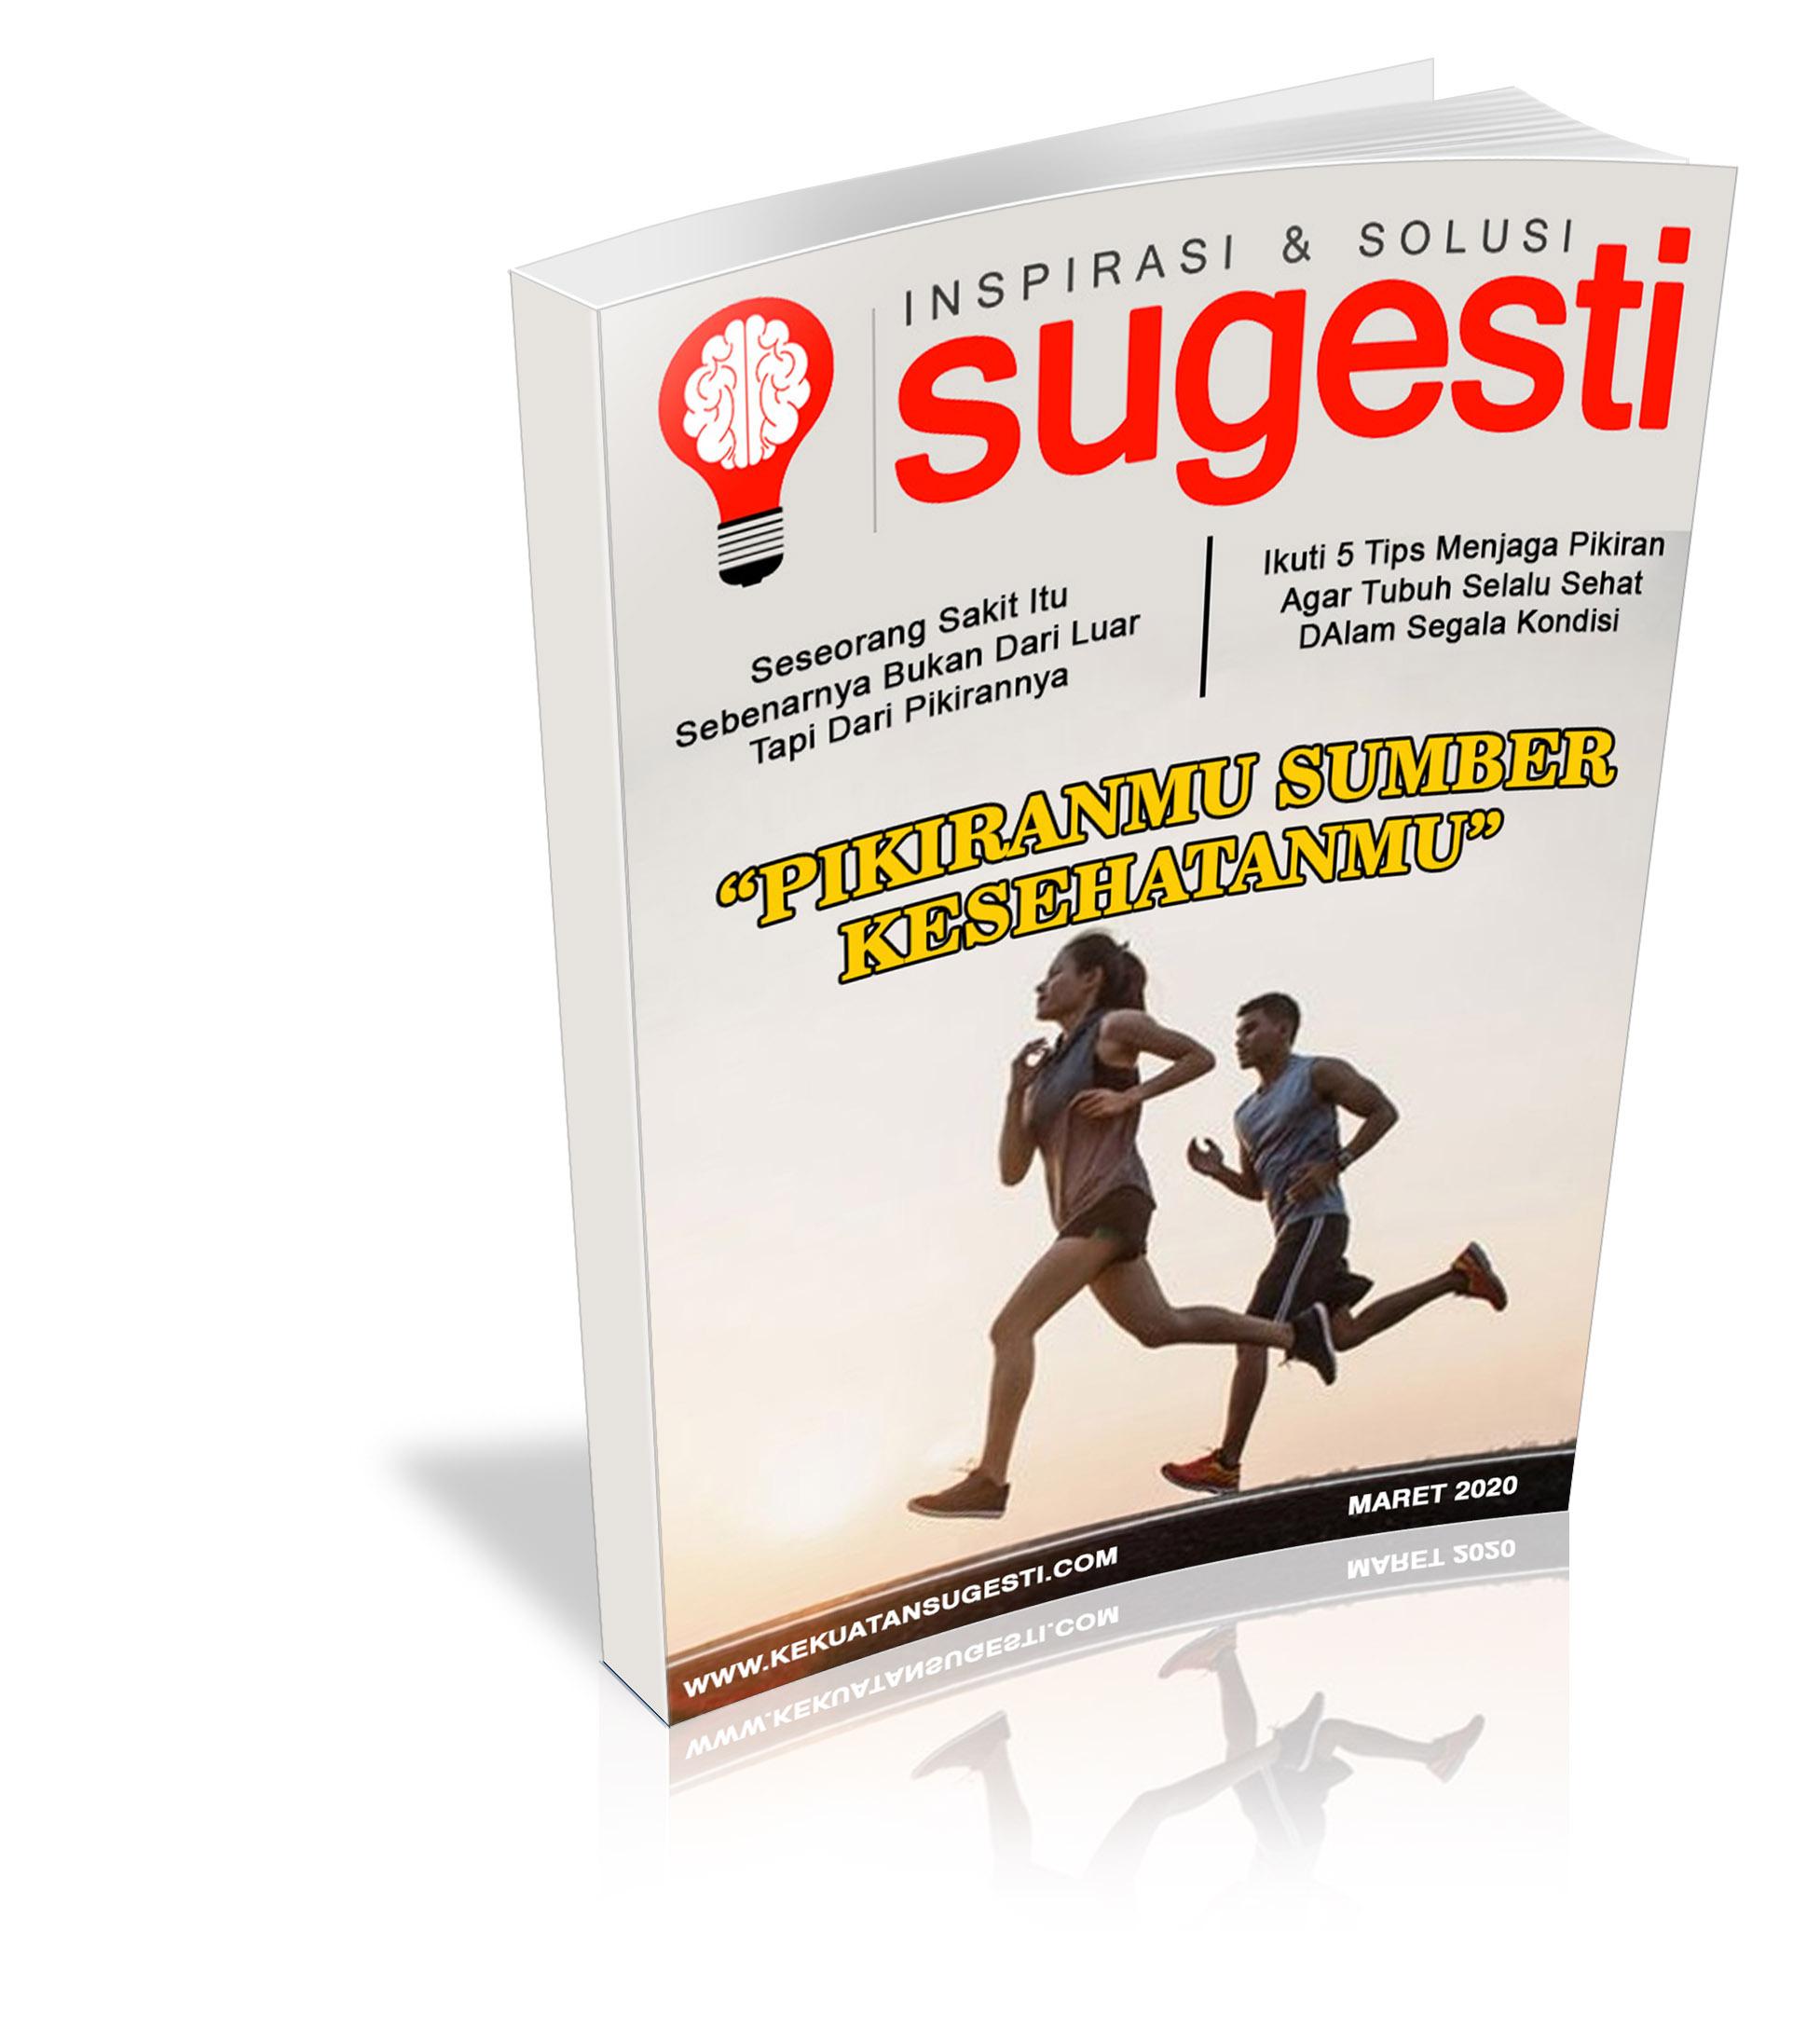 Majalah Sugesti Edisi Keenampuluh Sembilan bulan Maret 2020